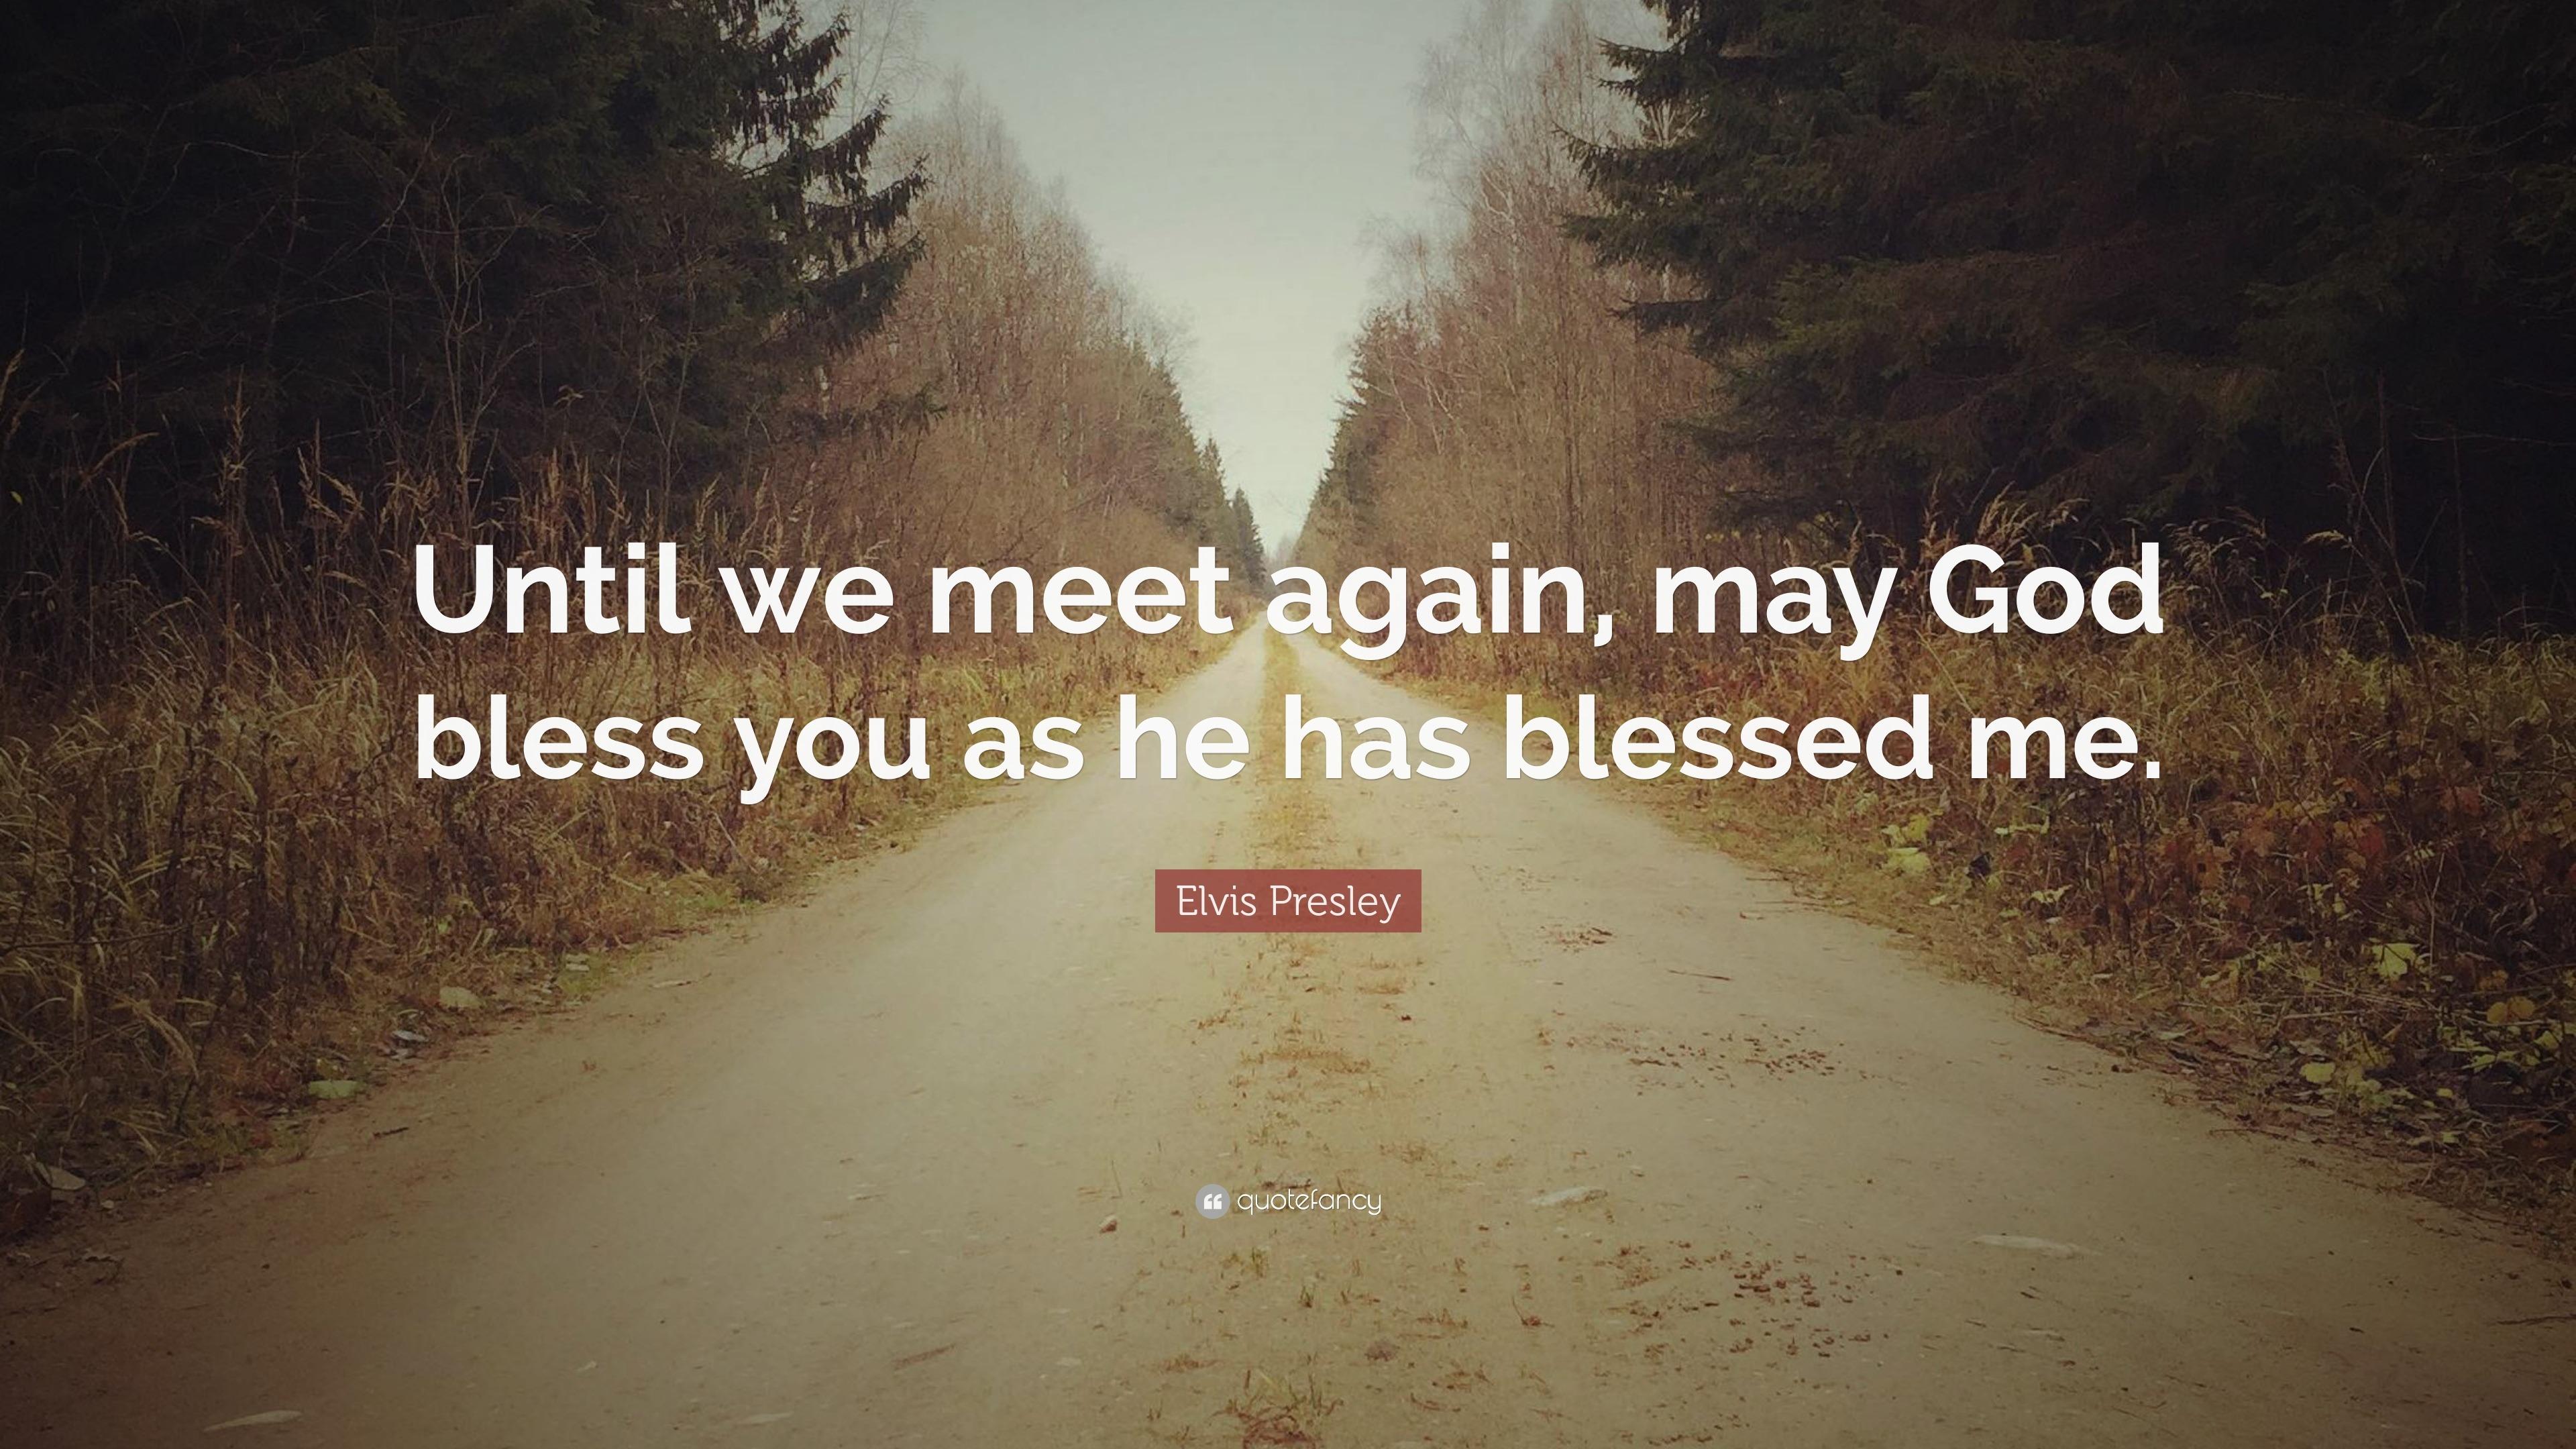 Until i meet you again